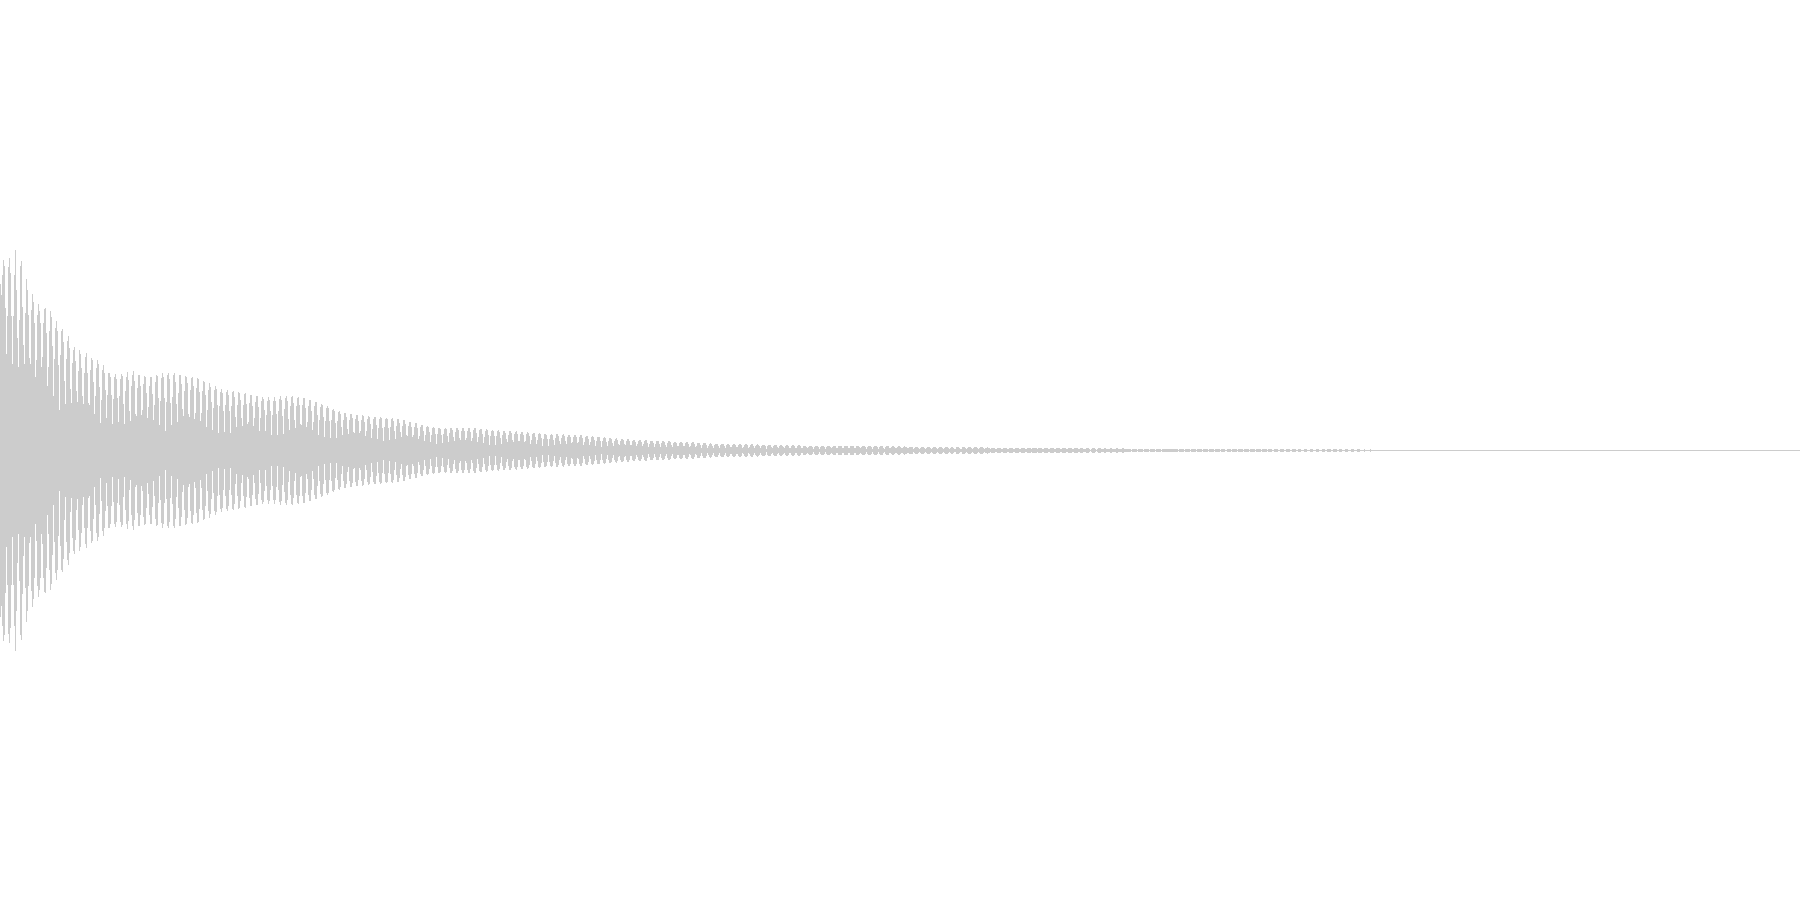 ベルが振動する音の未再生の波形